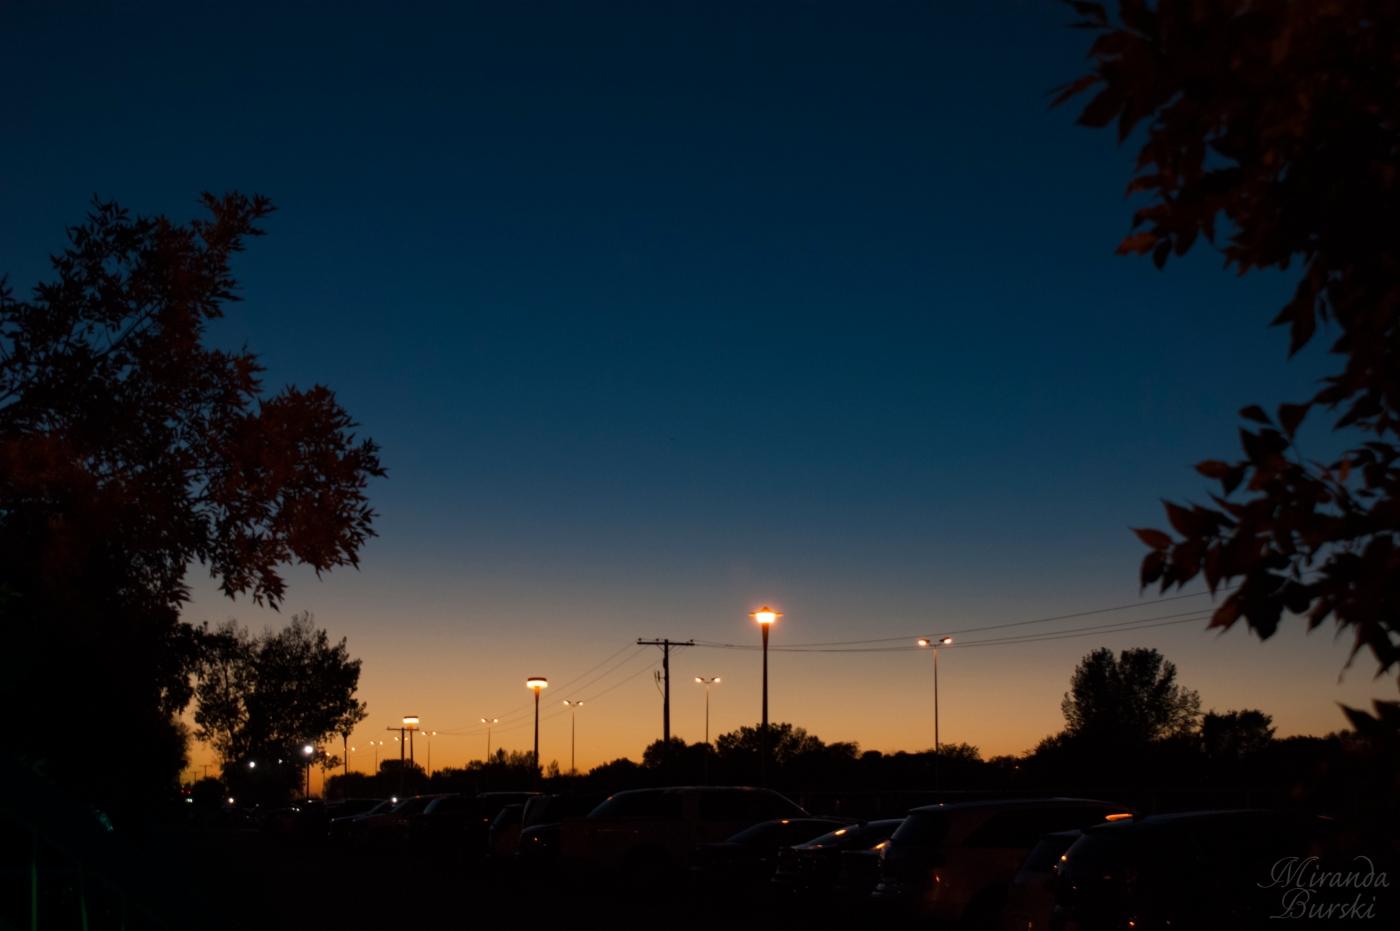 A fall sunset